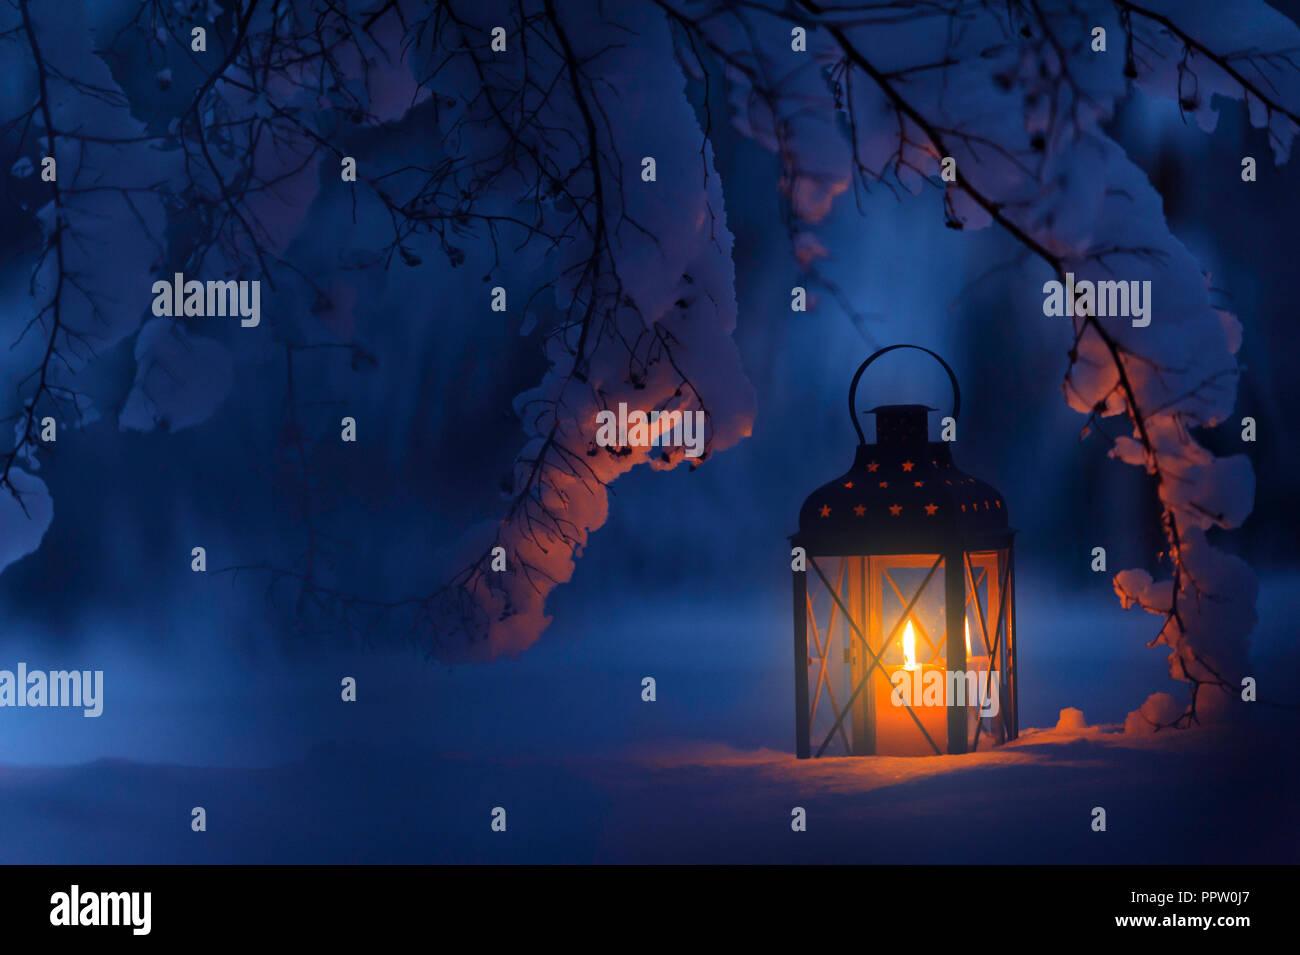 Lantern Wonderland Stockfotos & Lantern Wonderland Bilder - Alamy